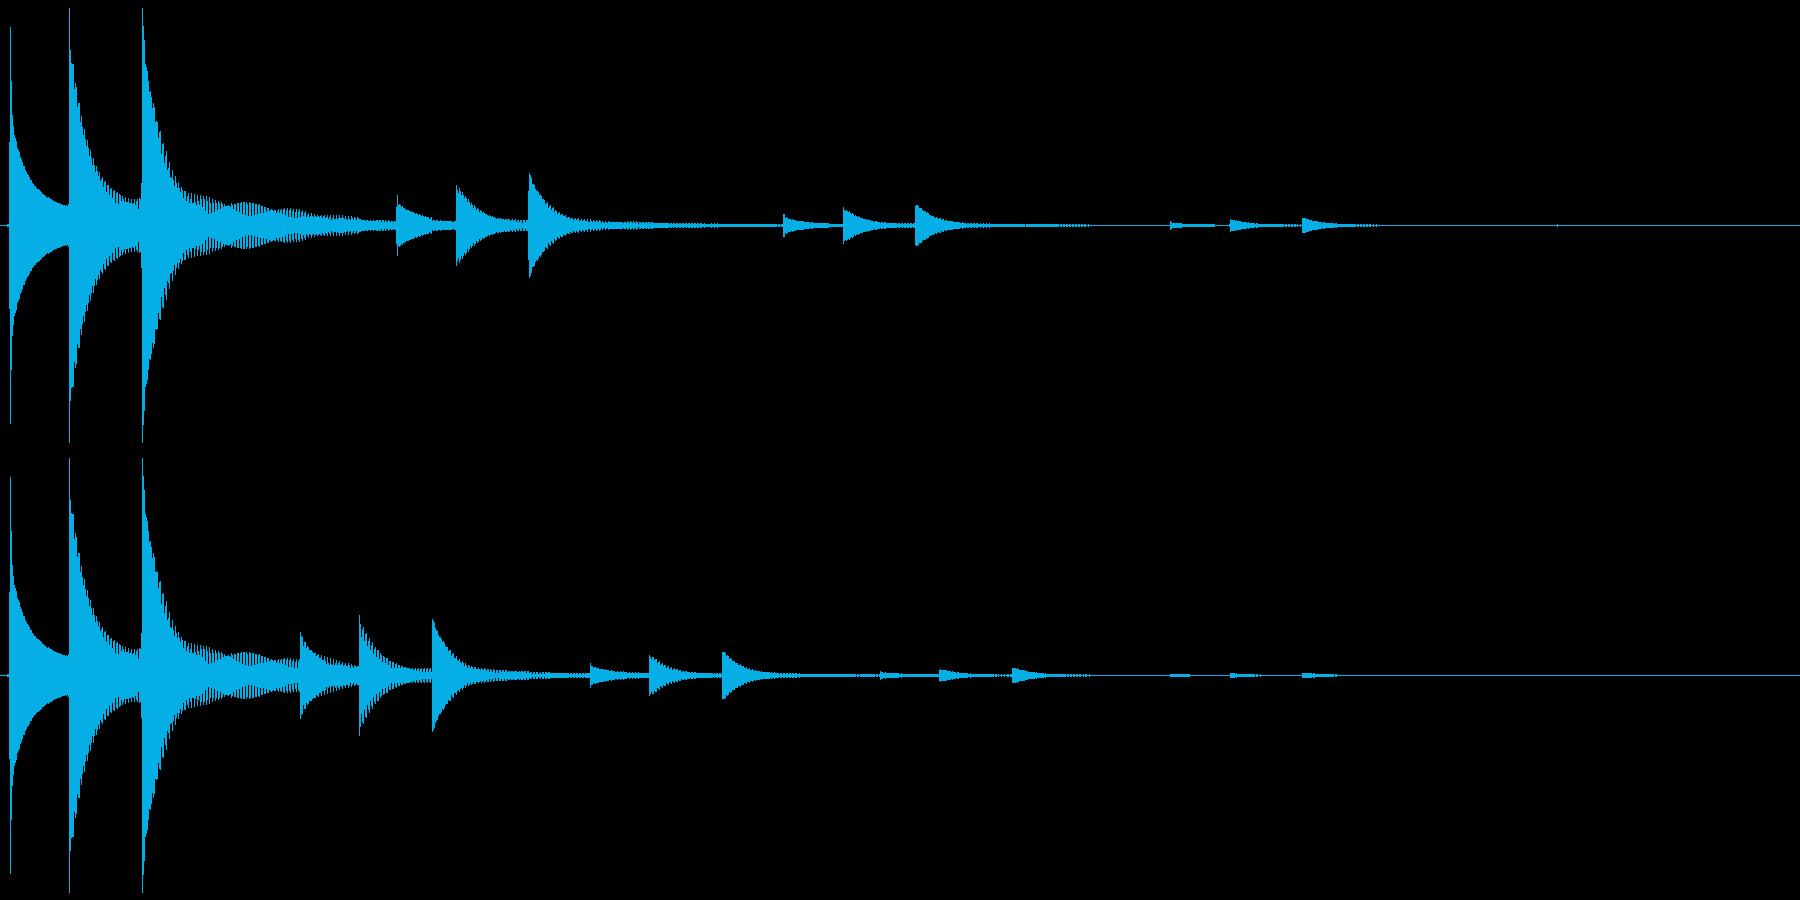 ニュートピック効果音の再生済みの波形